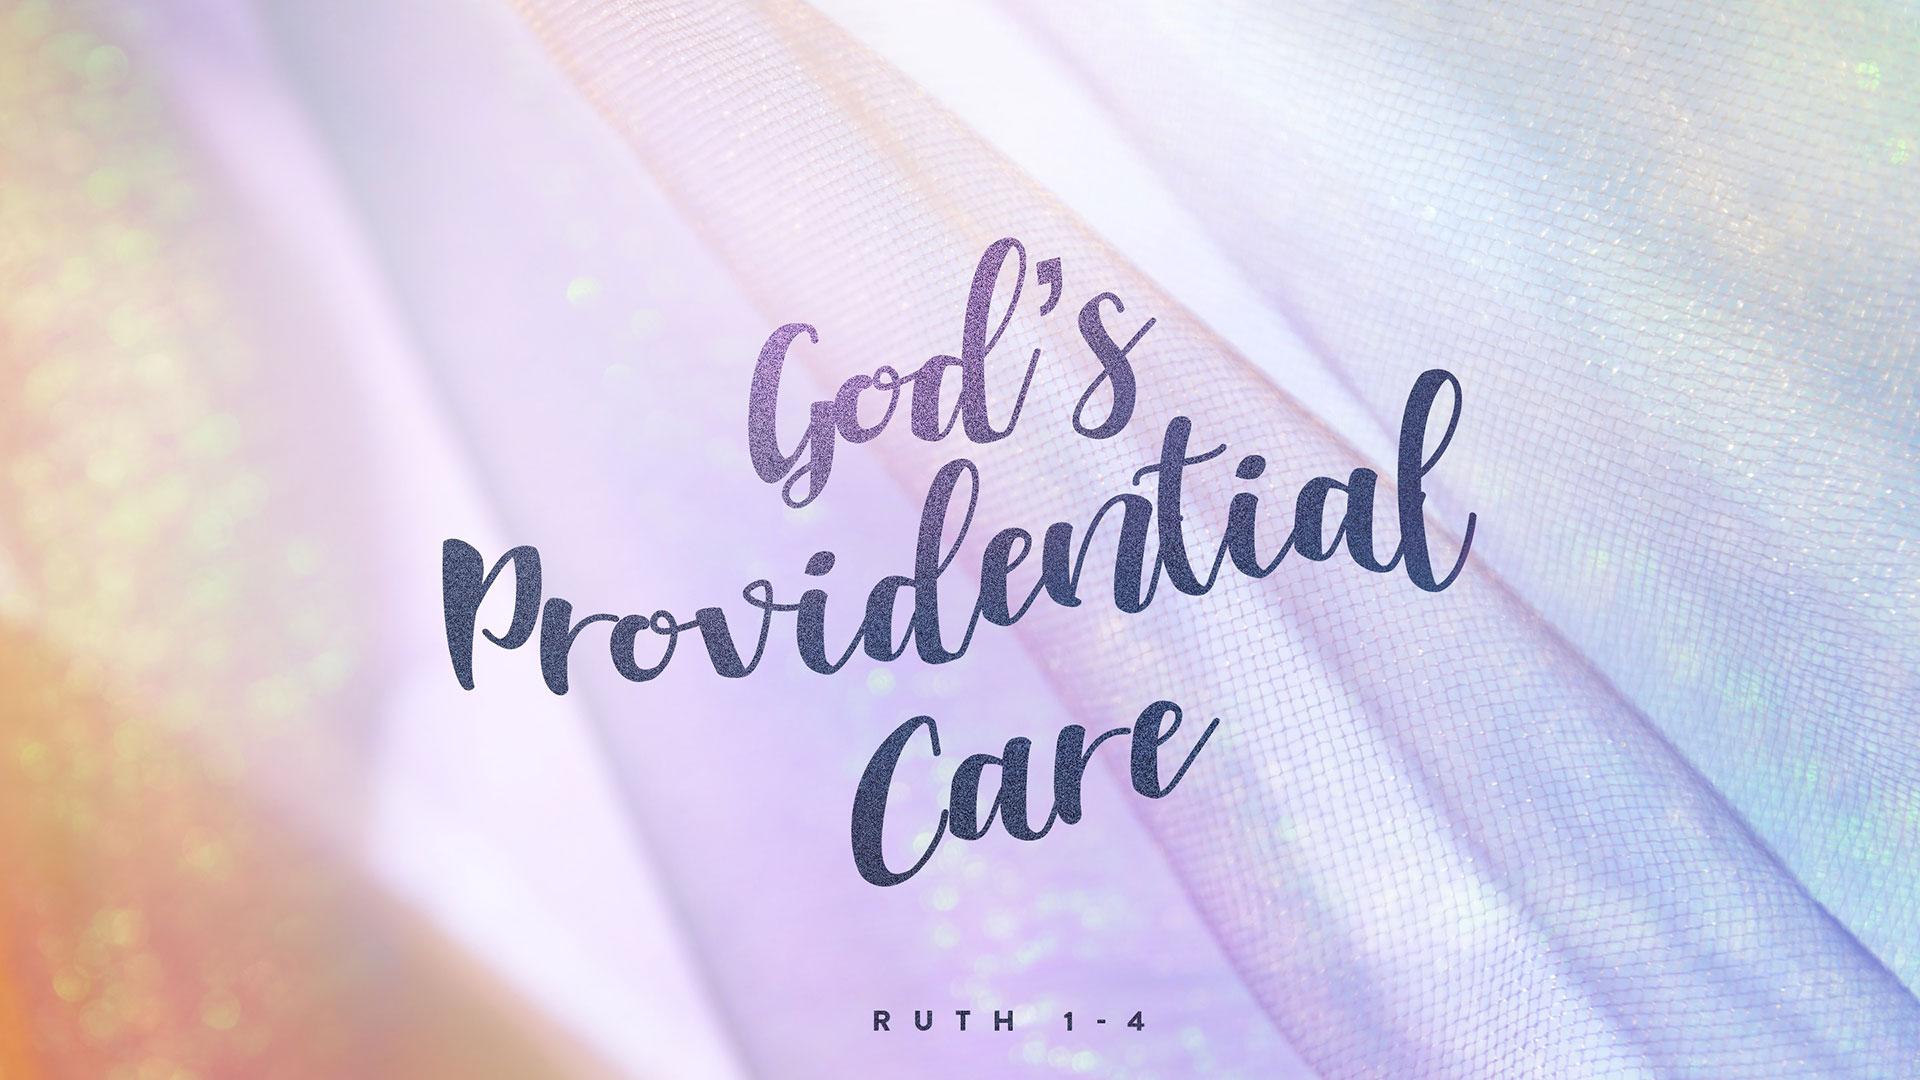 Gods-providential-care.jpg